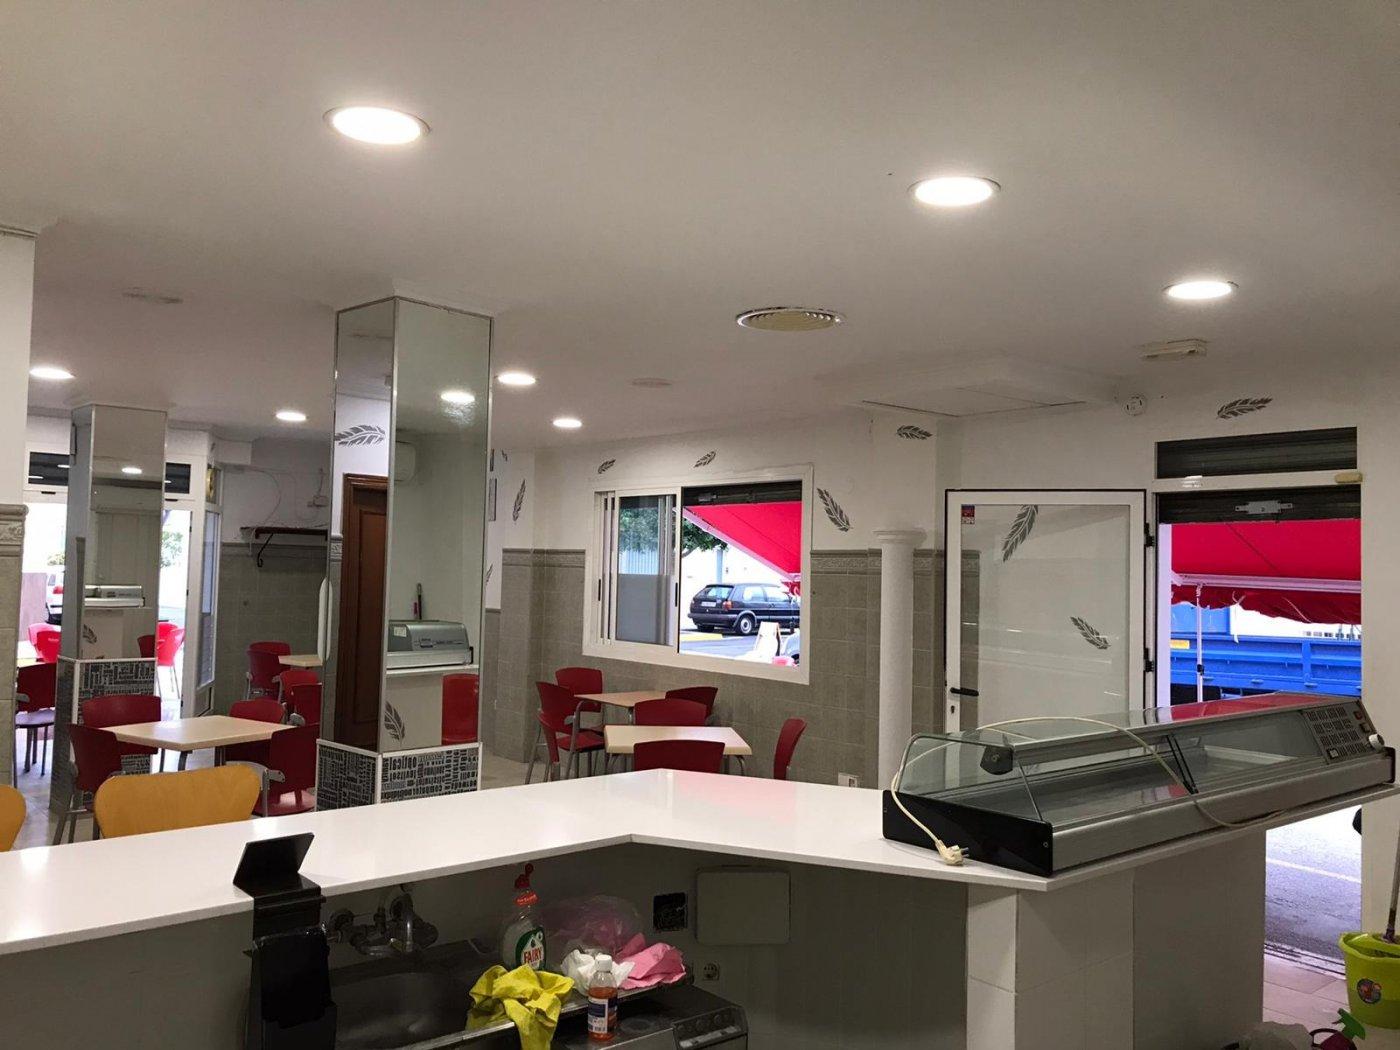 Local comercial acondicionado como bar  para entrar  a trabajar en benirredra. - imagenInmueble1